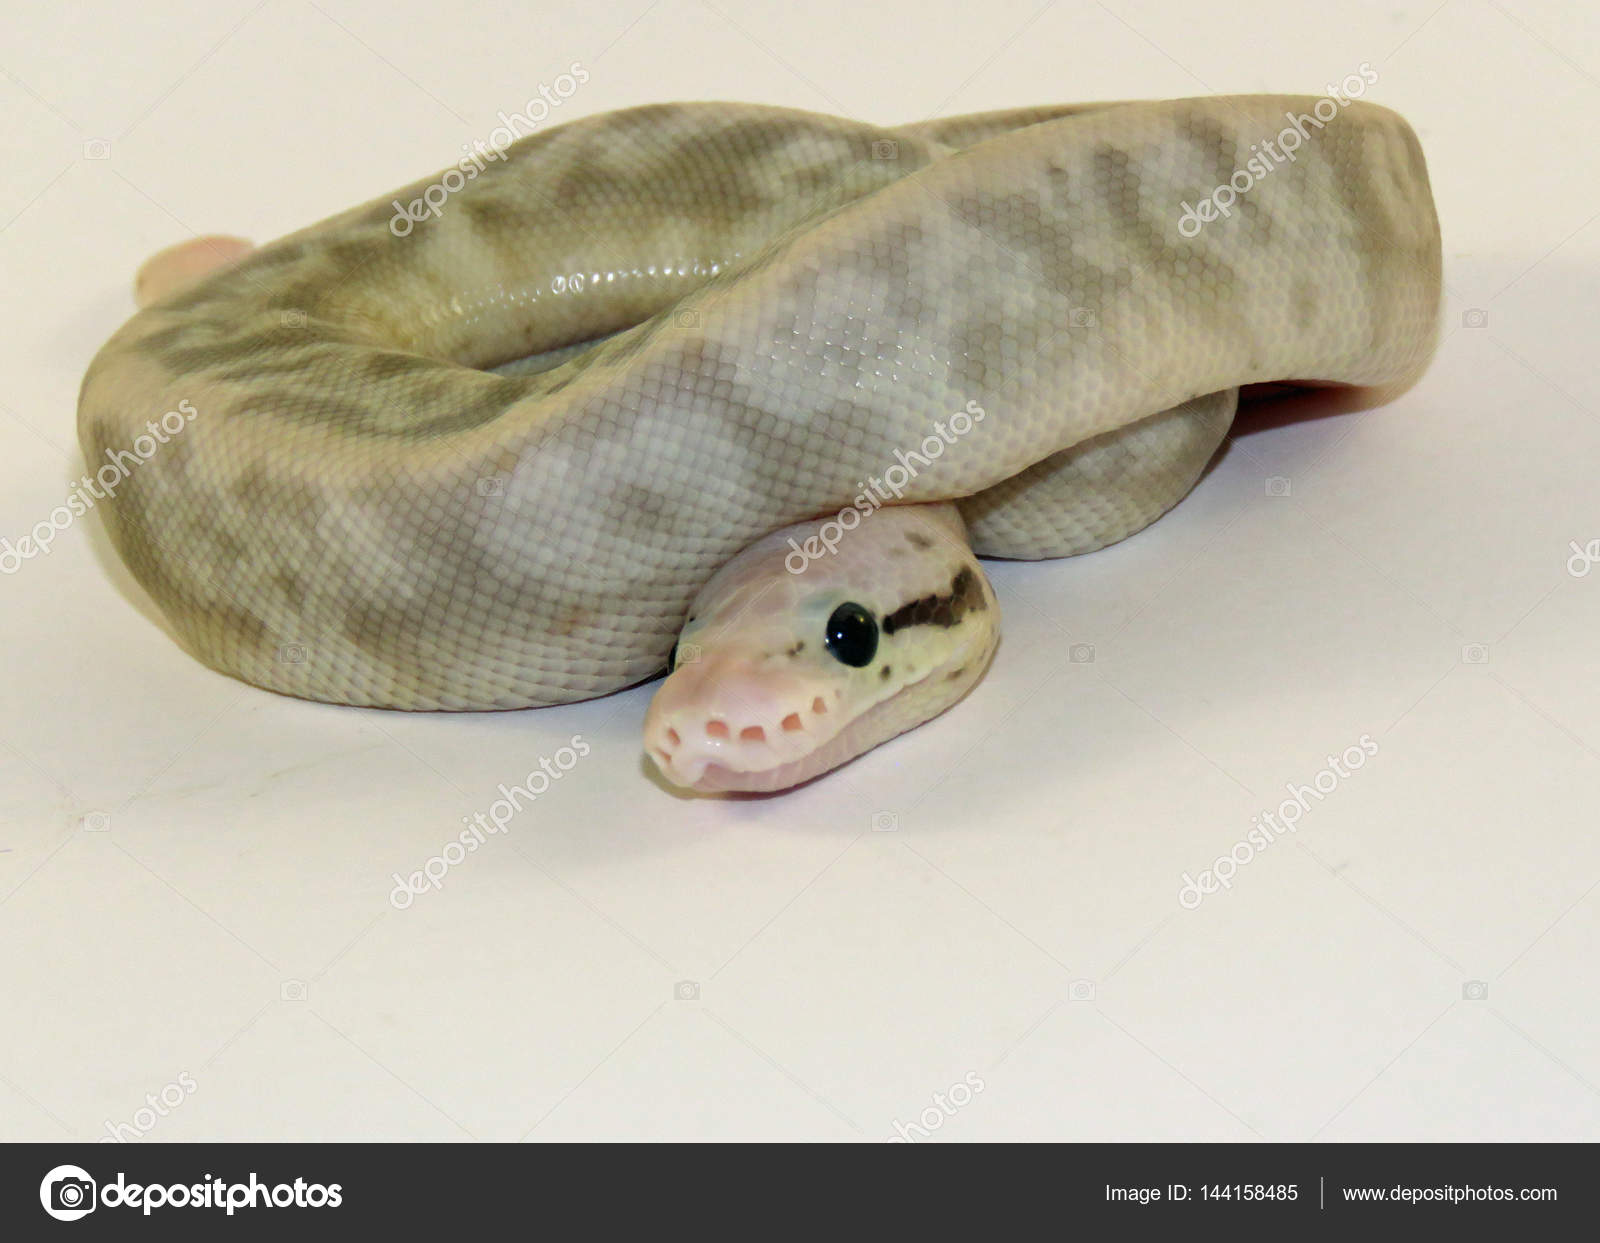 Baby python snake